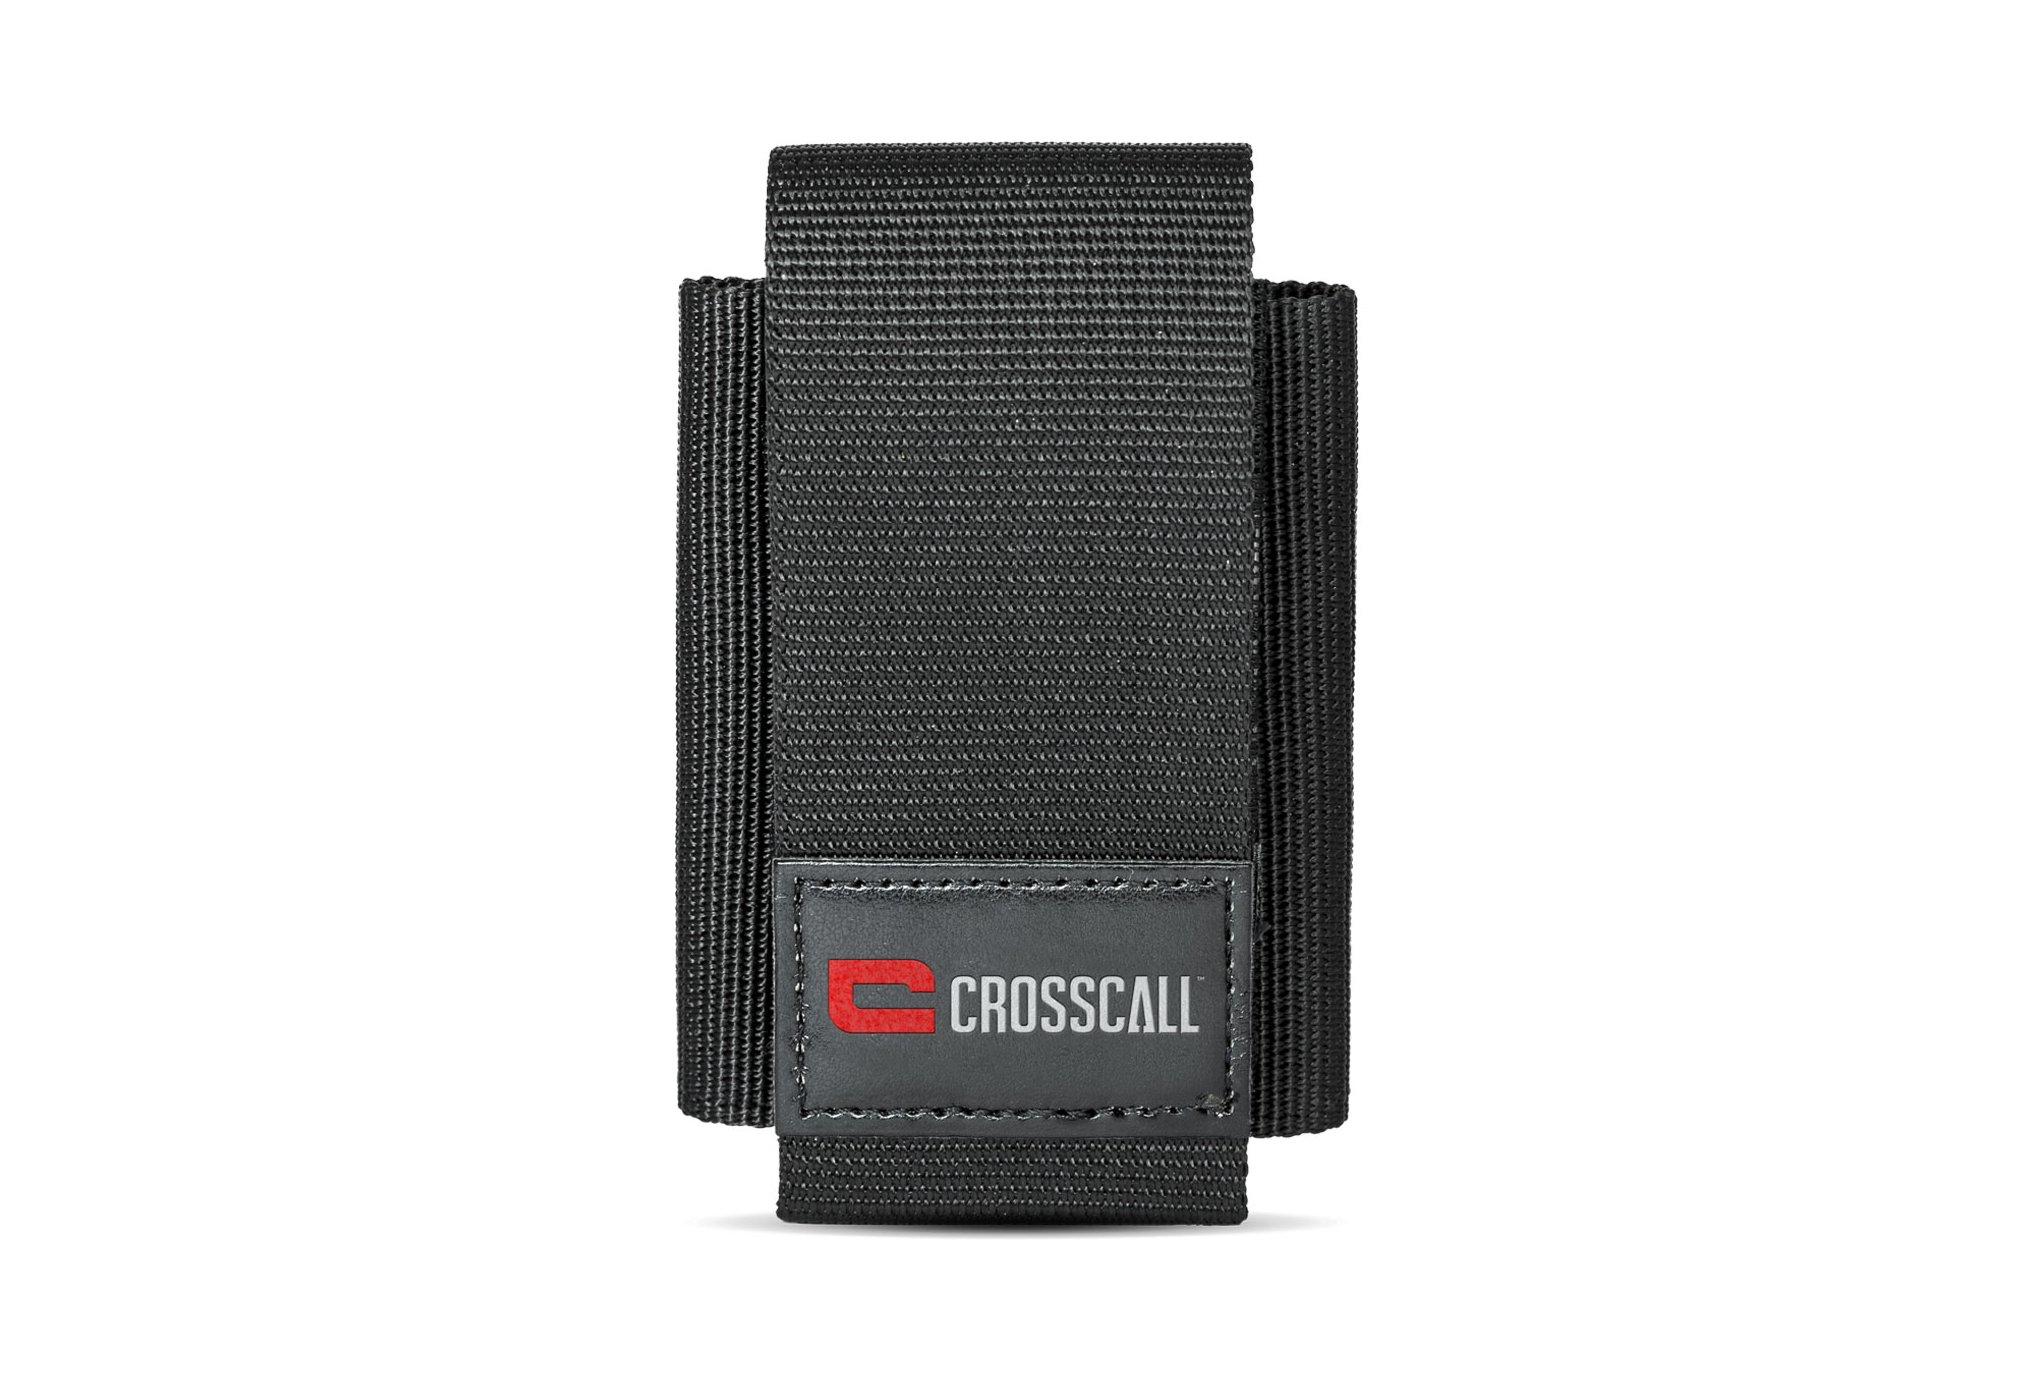 Crosscall Housse de protection taille S Accessoires téléphone